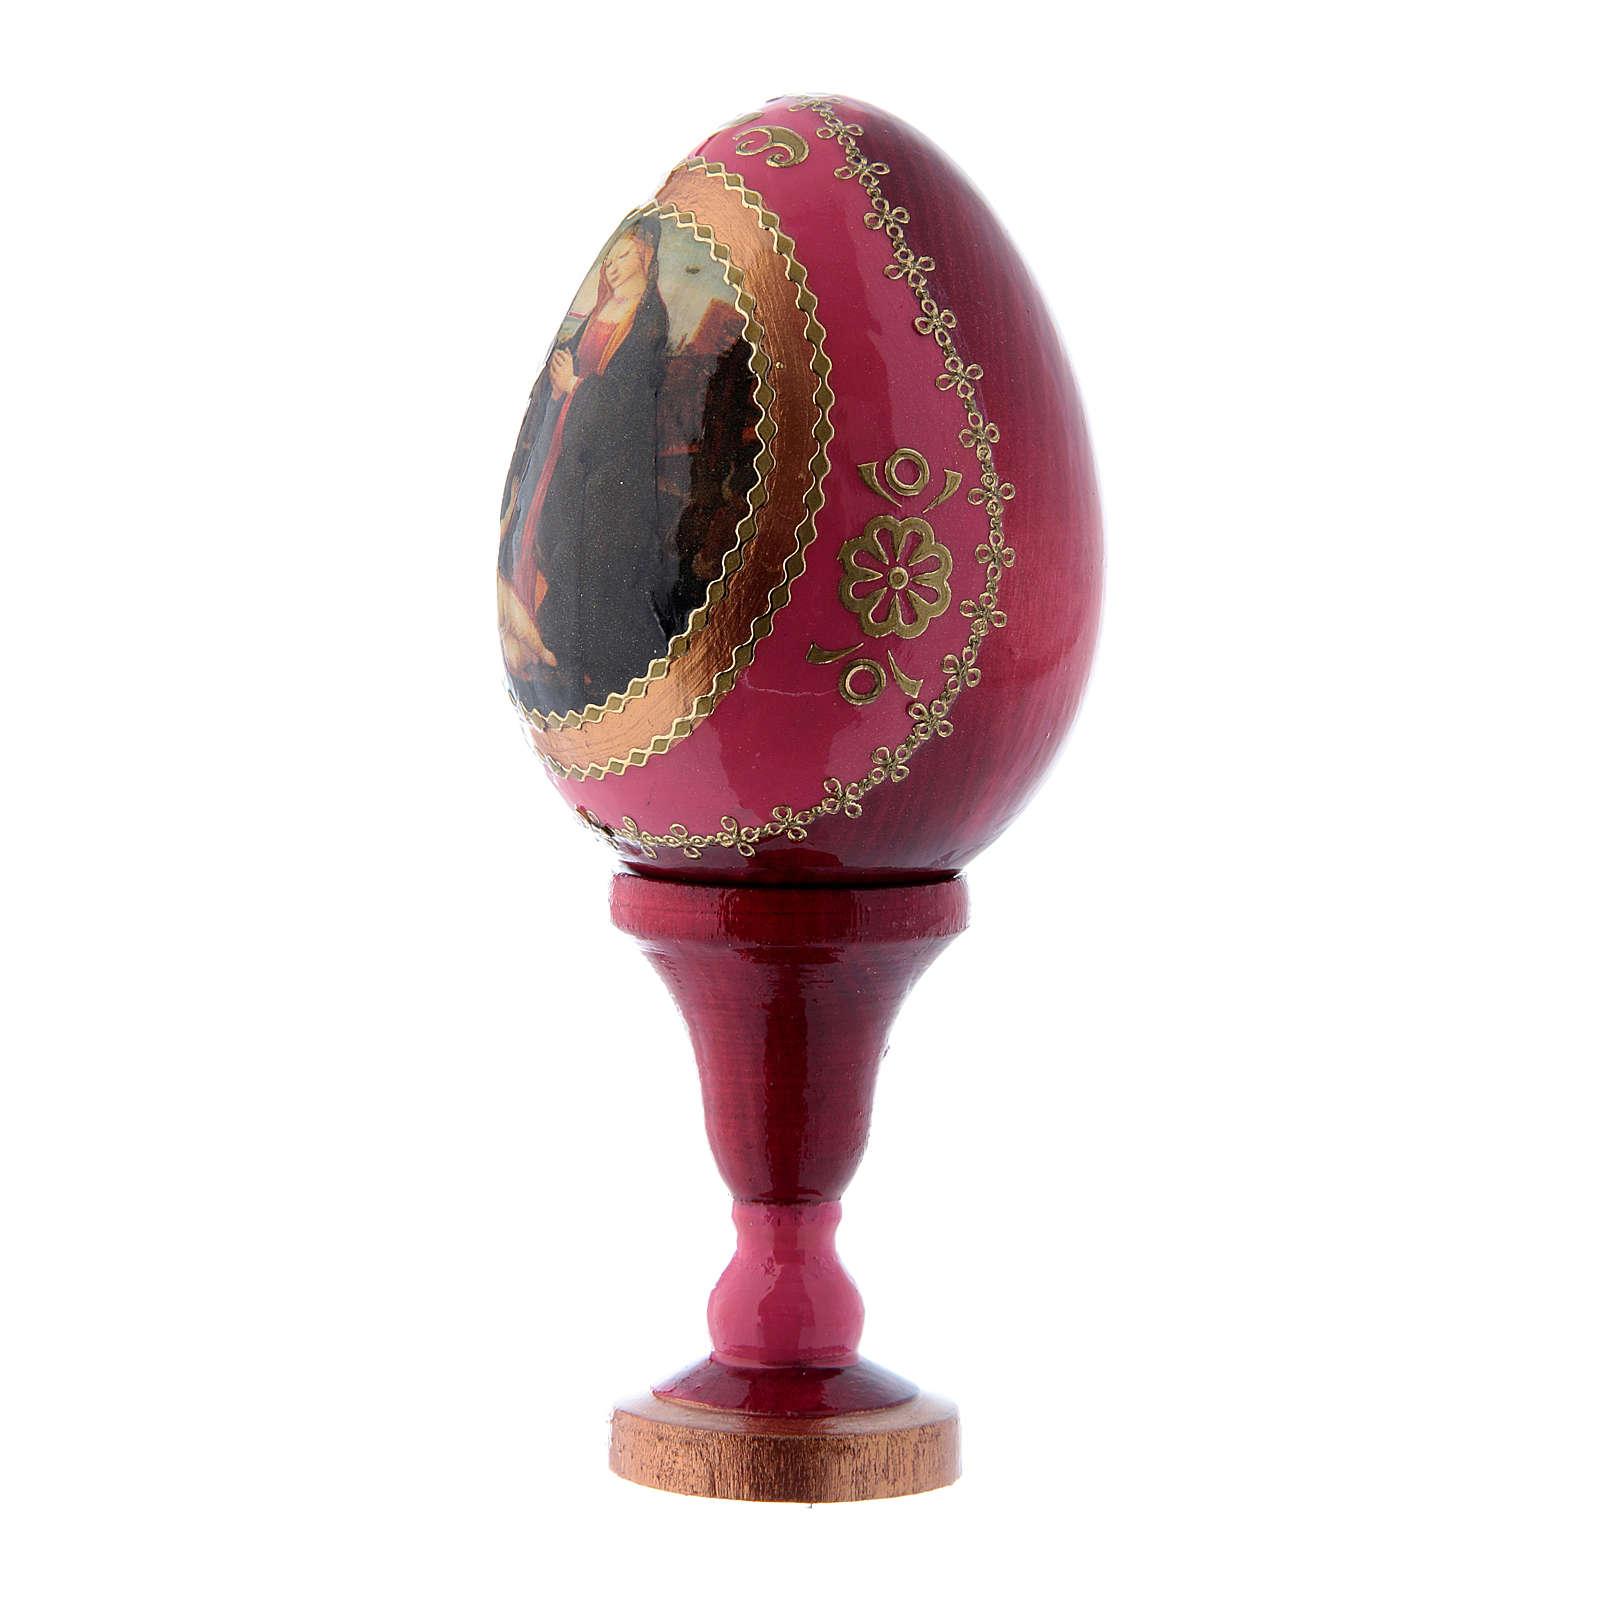 Uovo in legno russo decorato a mano rosso Madonna con Bambino S. Giovannino h tot 13 cm 4